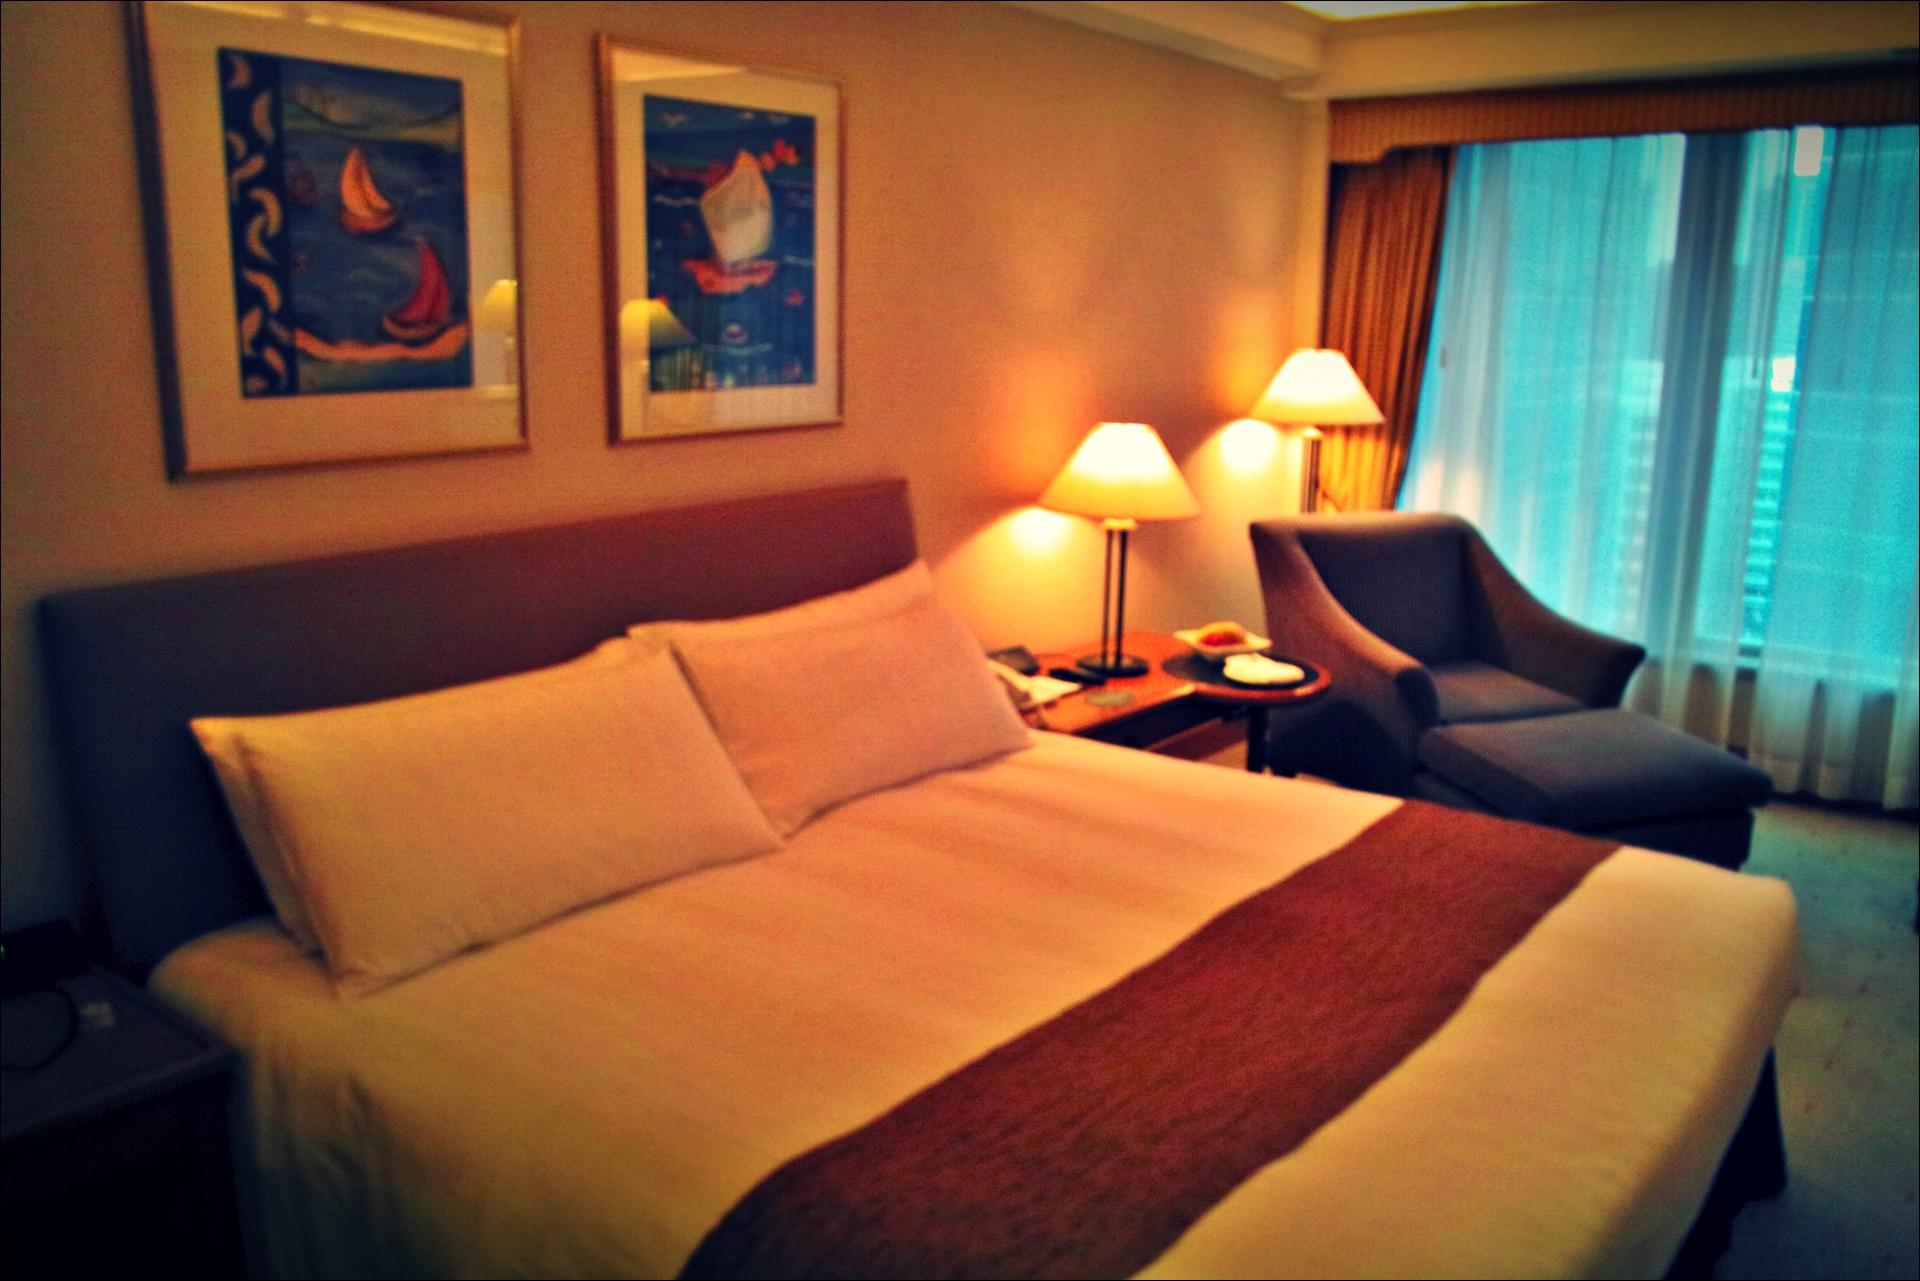 침대-'하버 그랜드 구룡 호텔, 홍콩 (Harbour Grand Kowloon, Hongkong)'